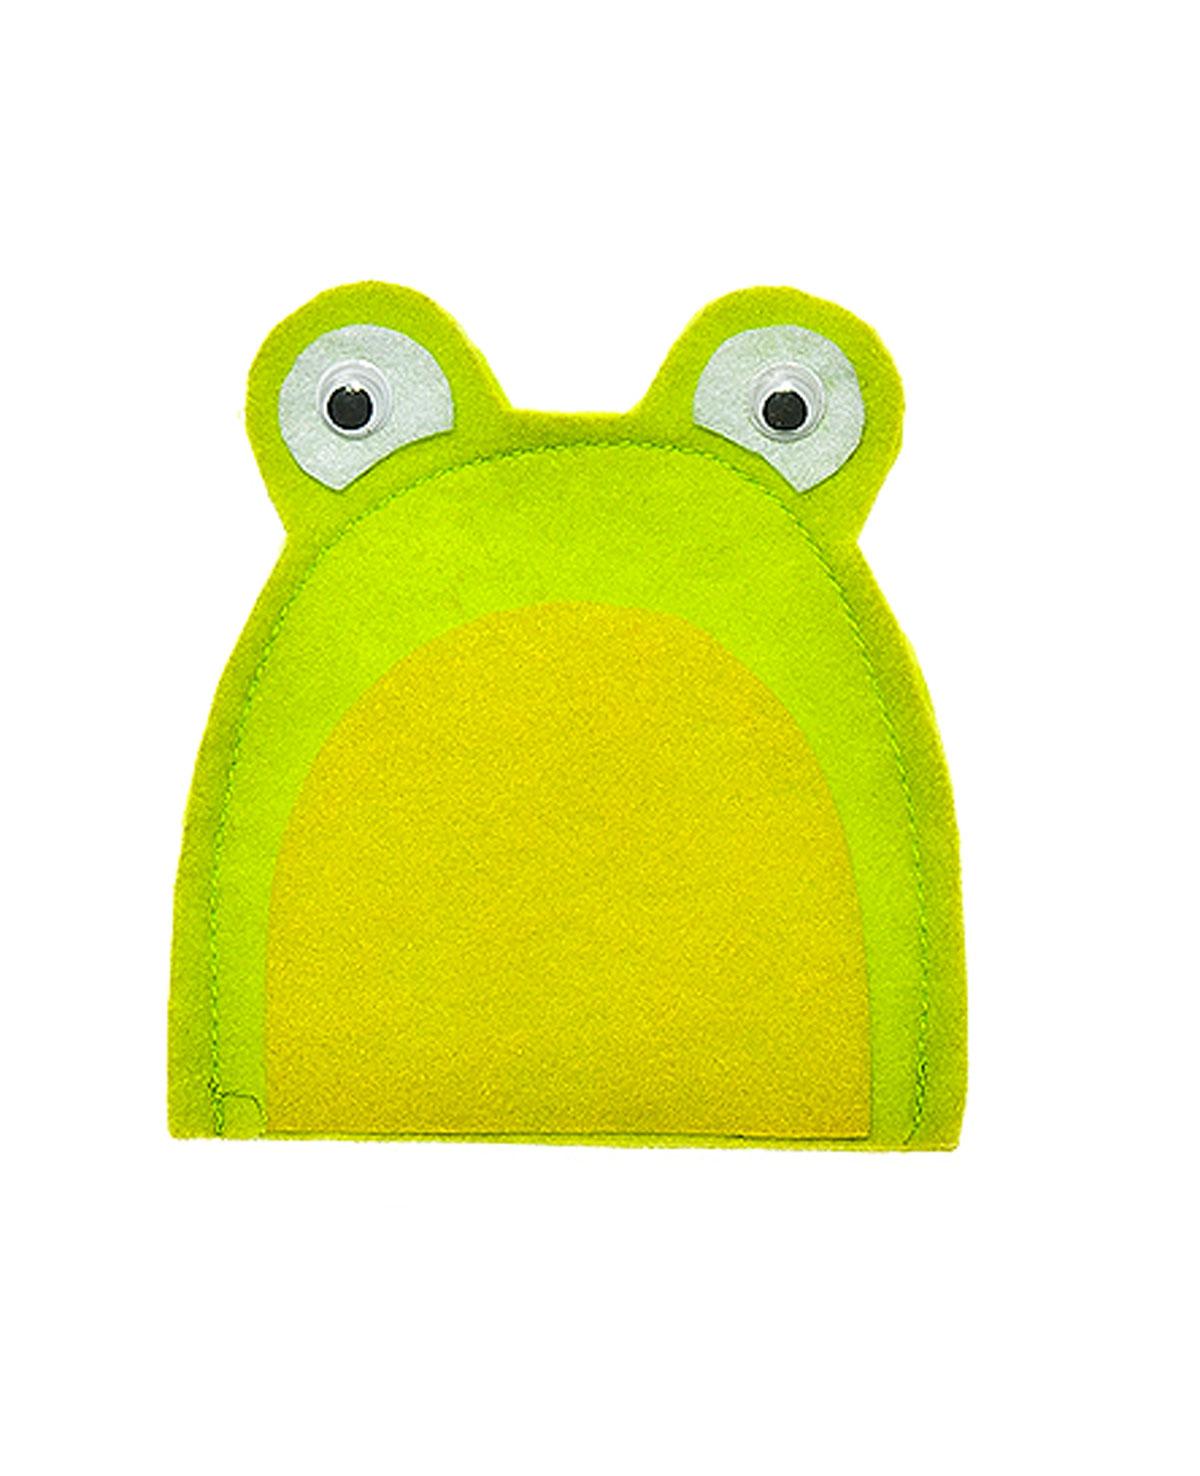 Грелка для яйца Home Queen Лягушка, цвет: зеленый, желтый, 10 х 10 см acqua natia вода минеральная 0 5 л